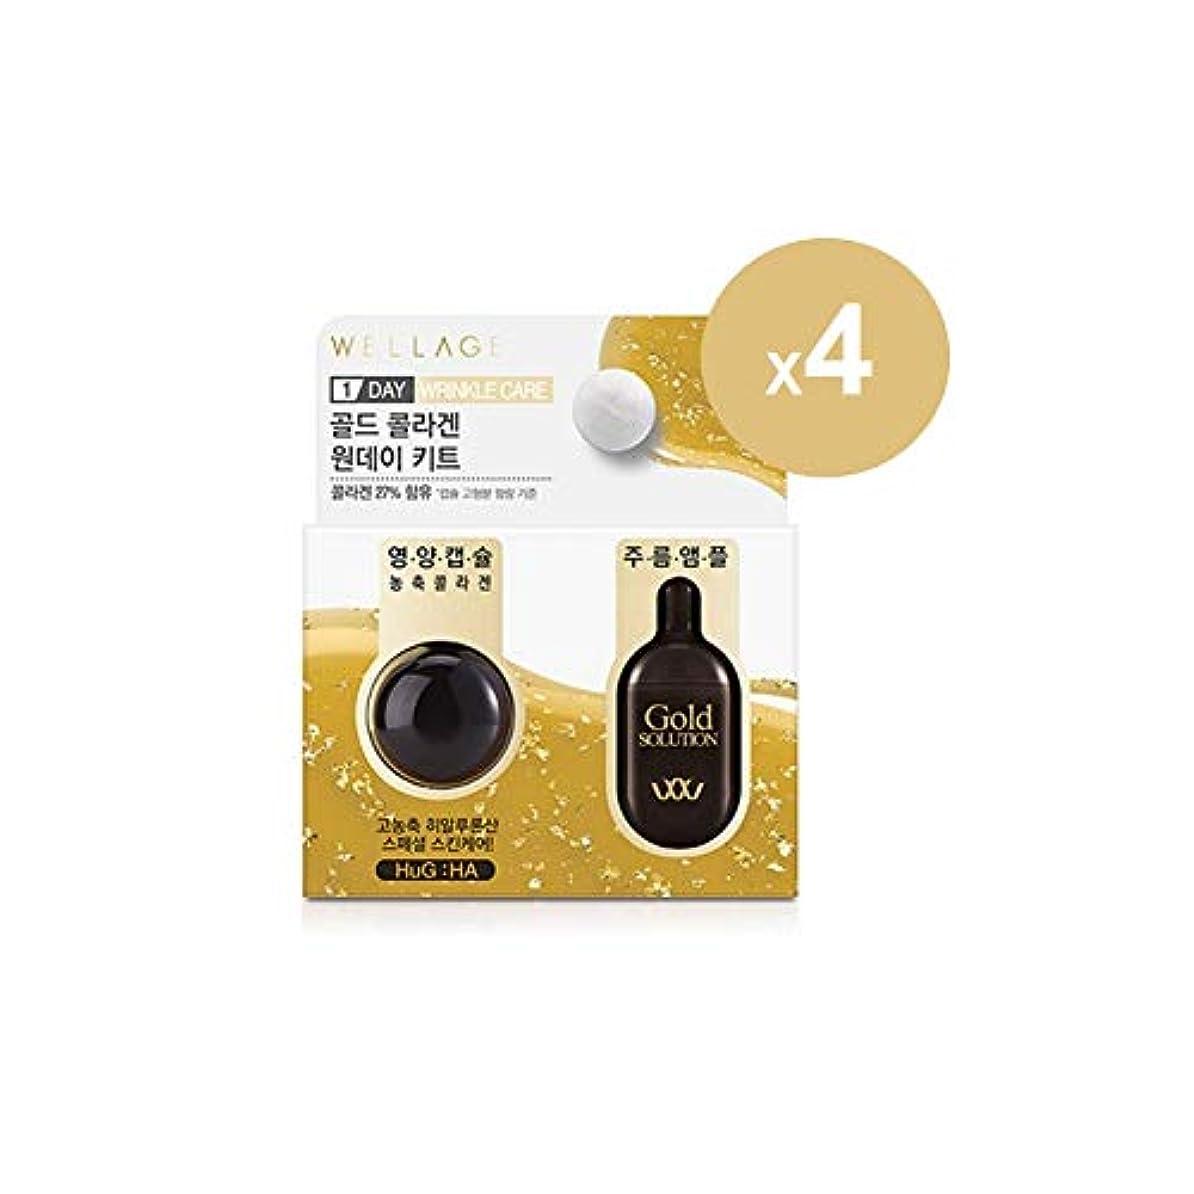 おかしい億広告主wellage☆Real Collagen Bio Capsule&Gold Solution☆ウェルラジュ ゴールドコラーゲン1dayキット [並行輸入品]